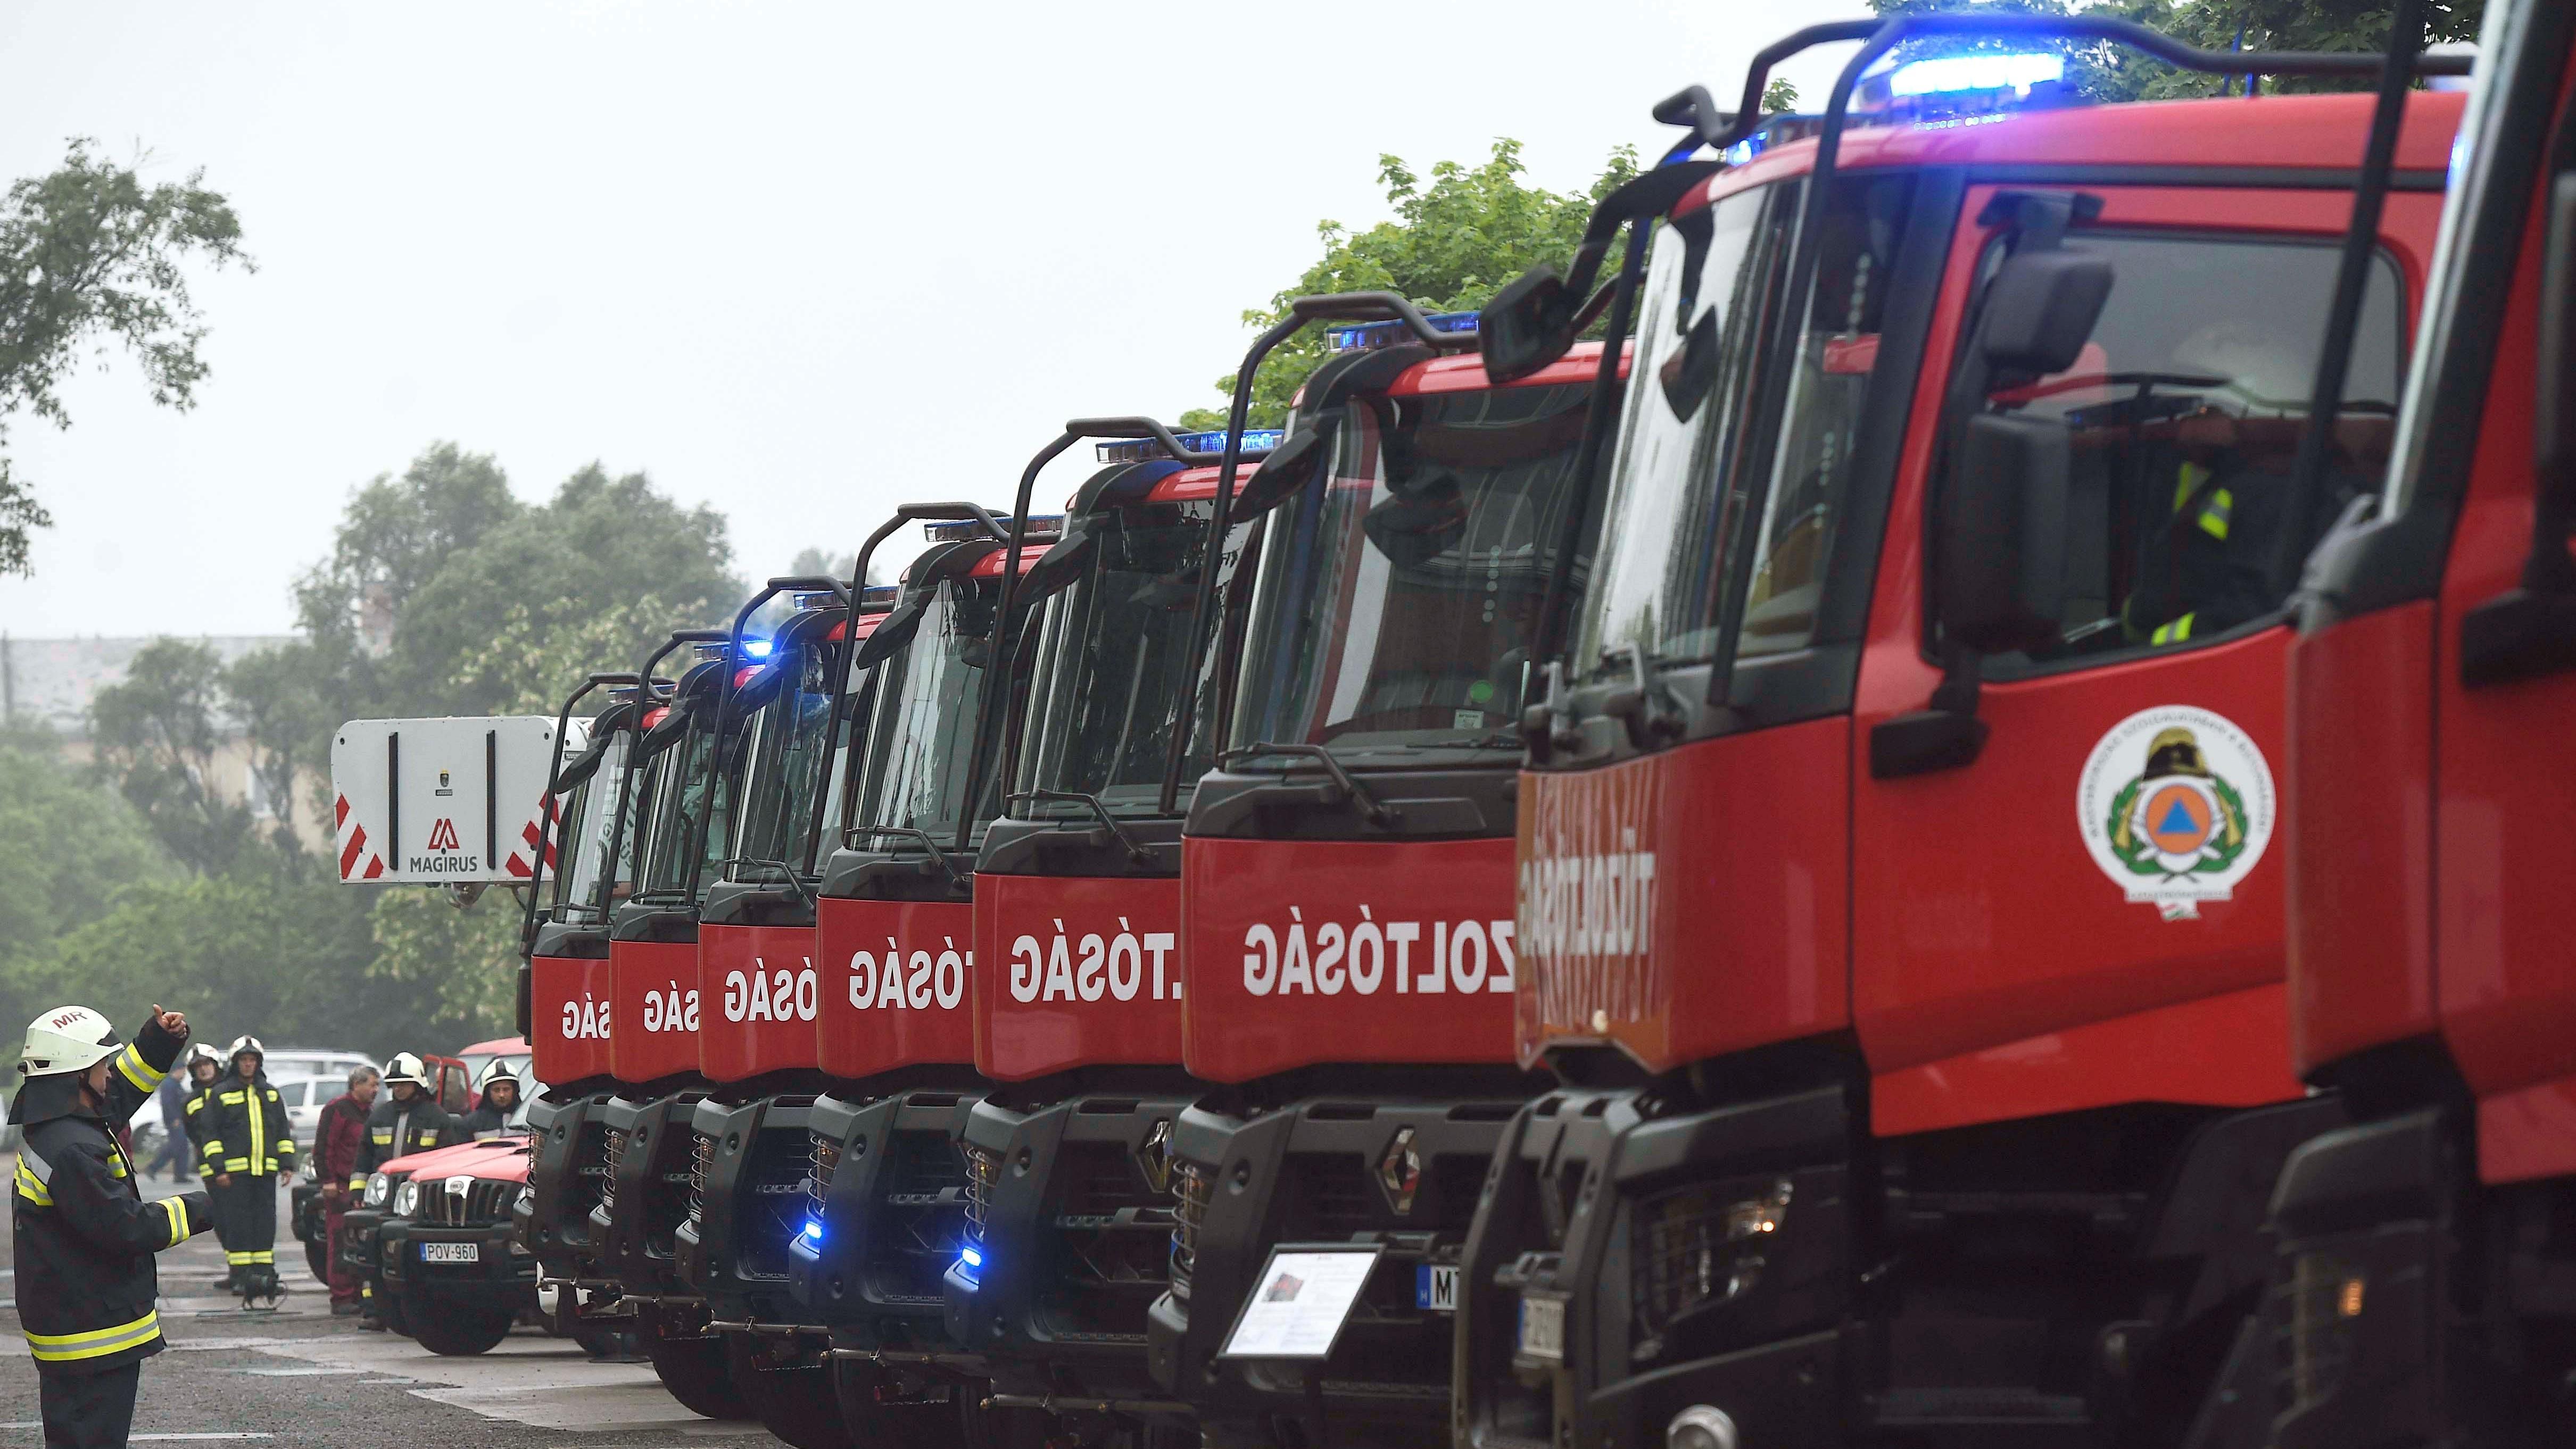 Az Országos Katasztrófavédelmi Fõigazgatóság új tûzoltóautóinak átadása a szervezet Mogyoródi úti épületének udvarán, Budapesten 2019. május 9-én. Huszonhat új tûzoltóautót kapott a katasztrófavédelem az Európai Unió támogatásával.